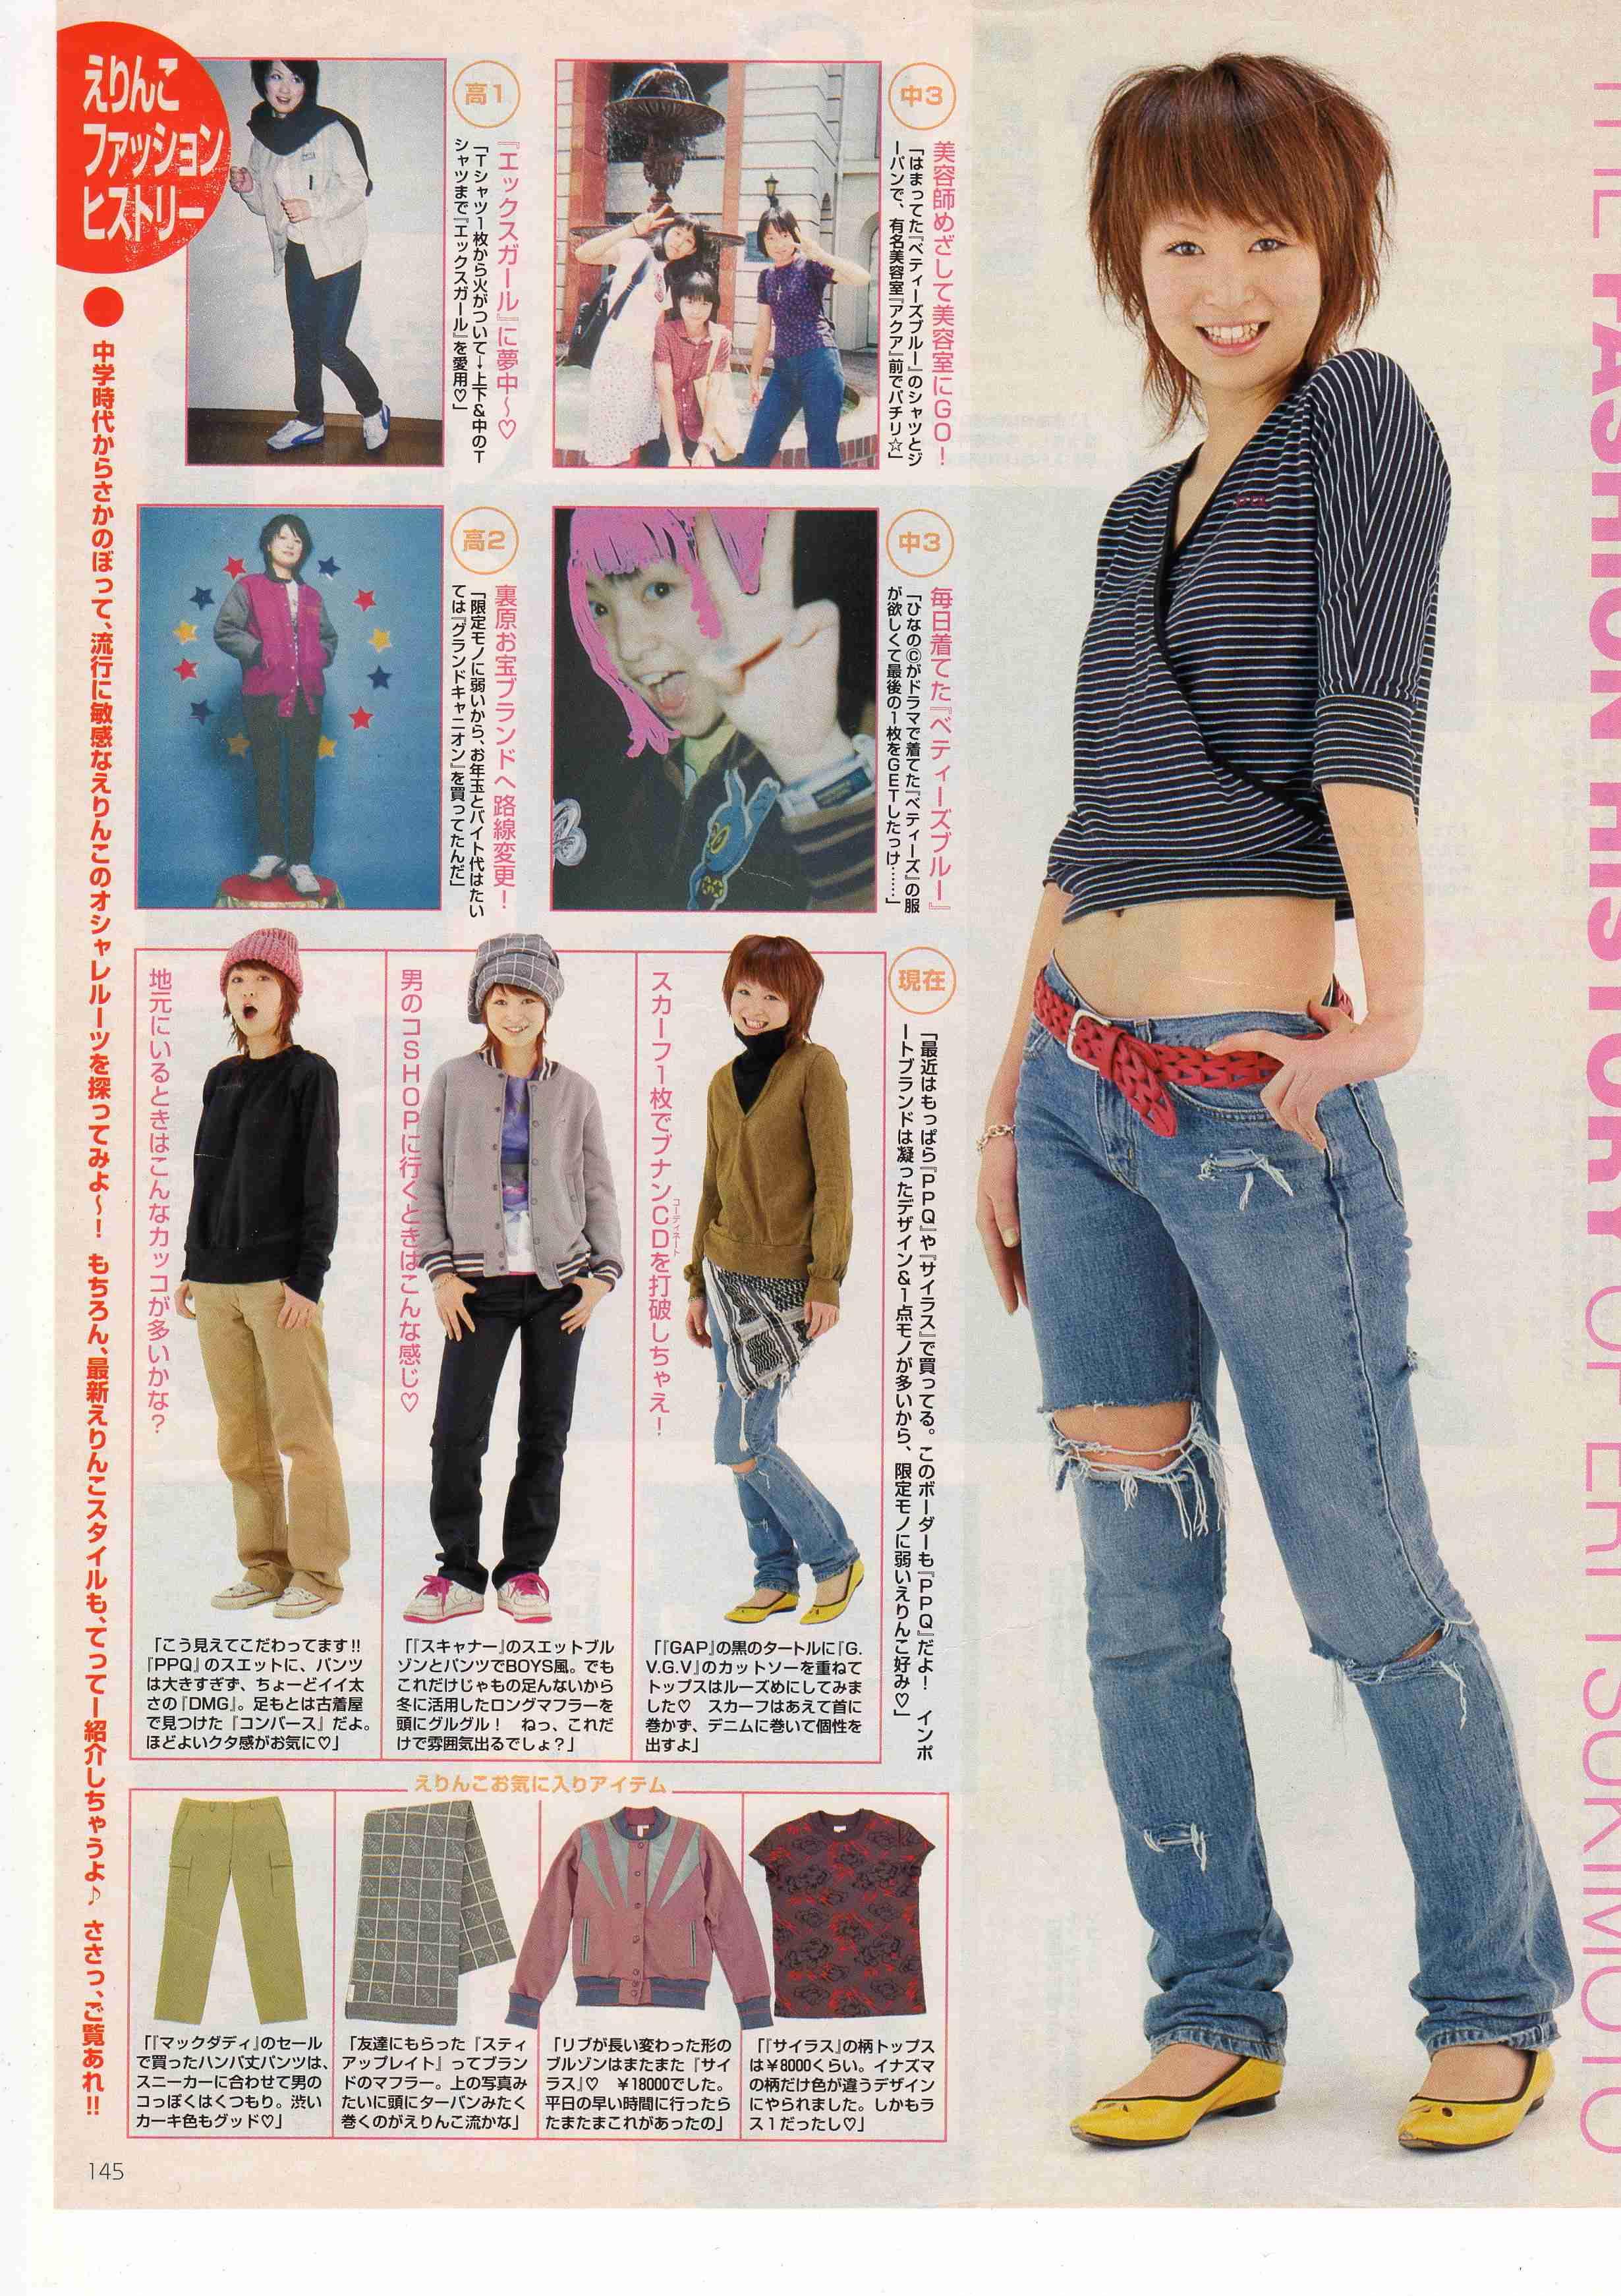 【アラサーの方】これ流行ったよね~という懐かしいファッション・メイクを語ろう